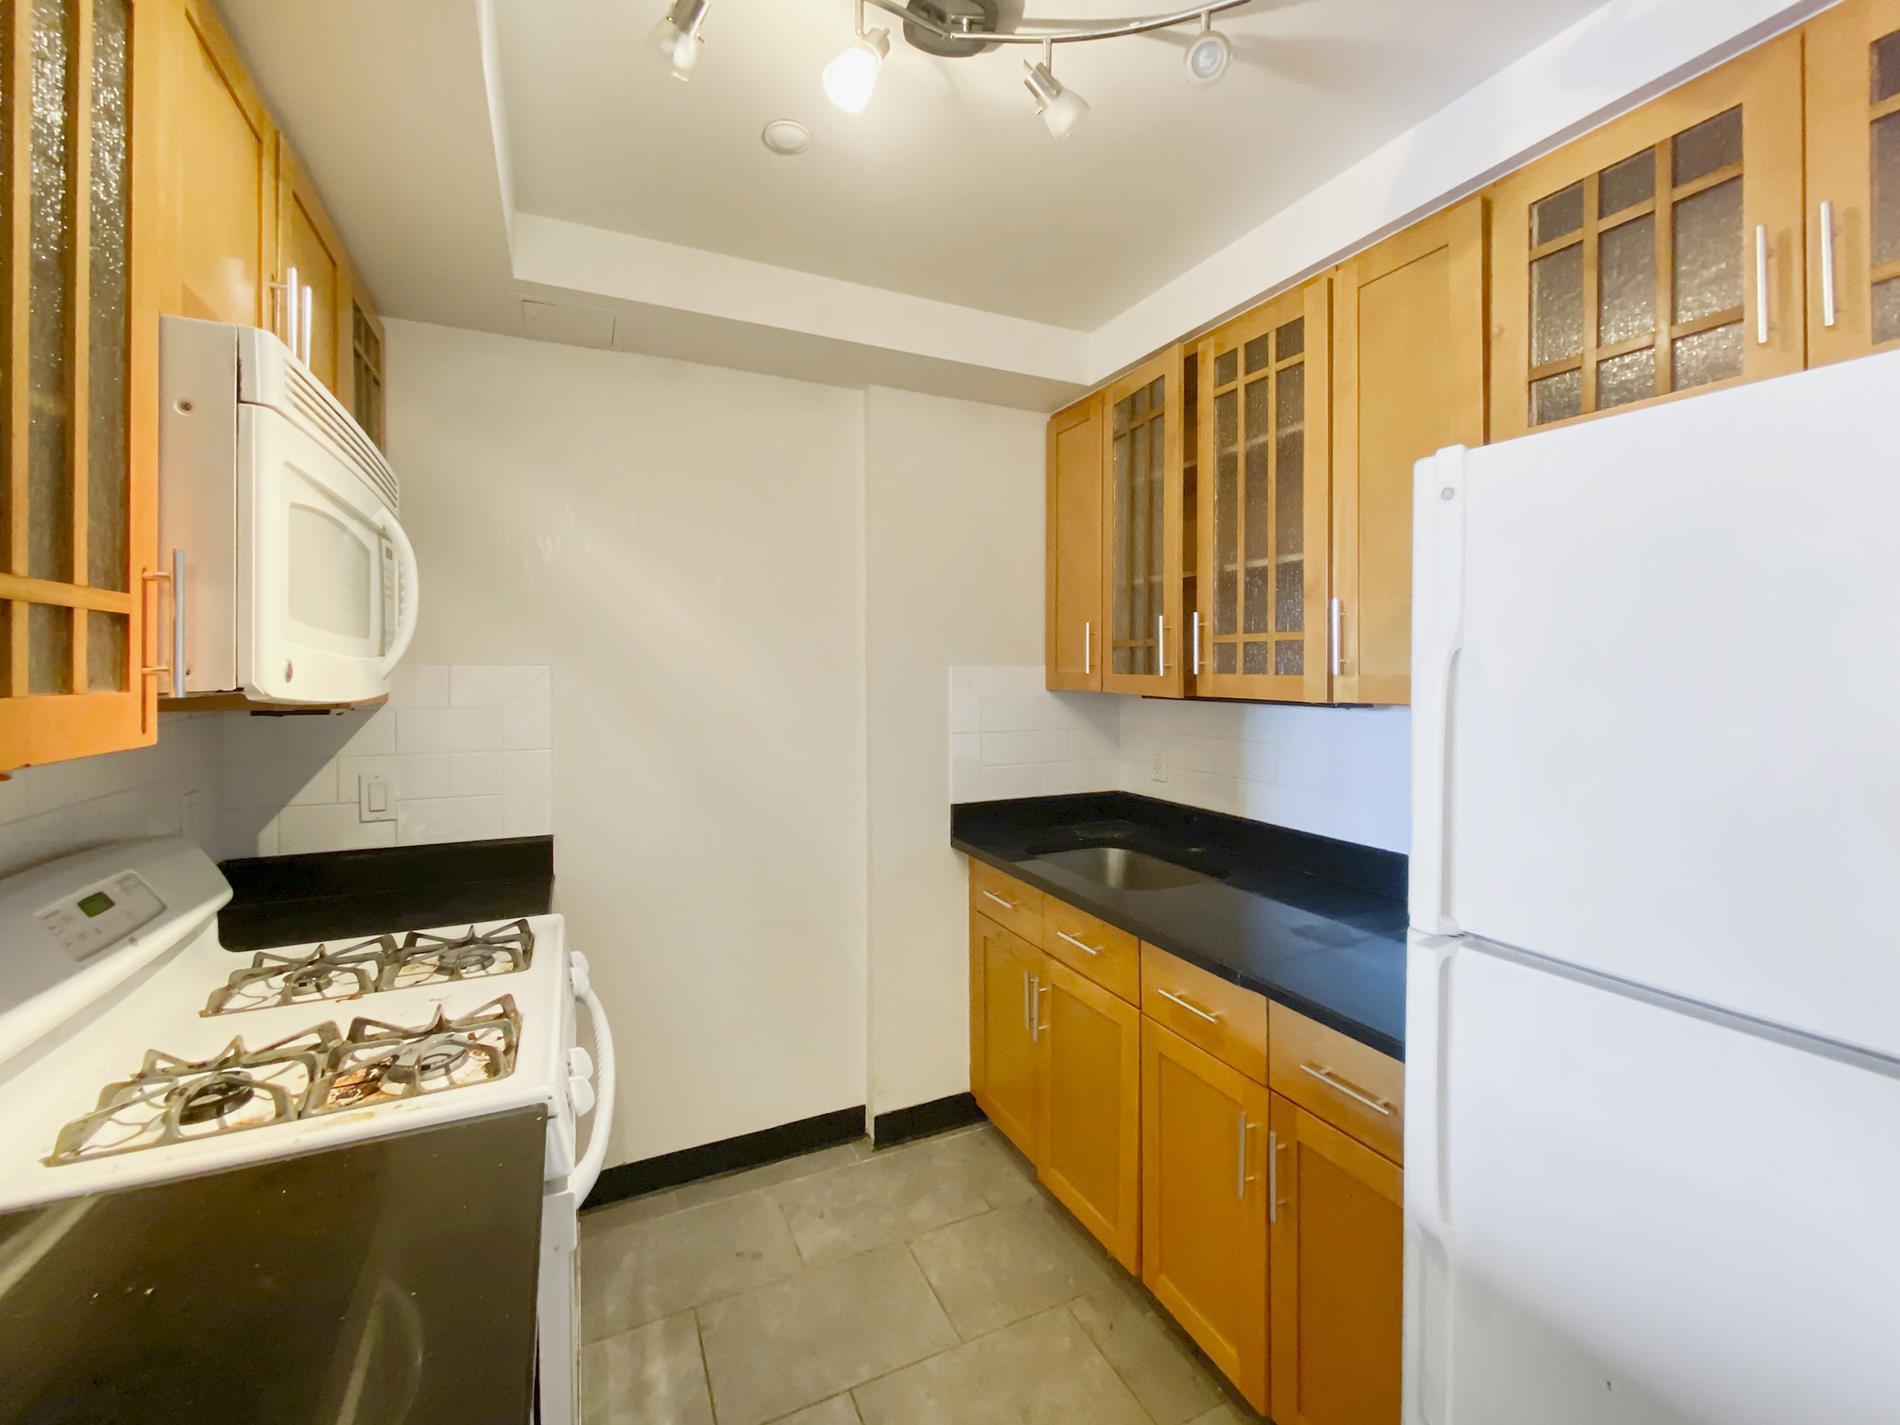 1405 Fifth Avenue East Harlem New York NY 10029